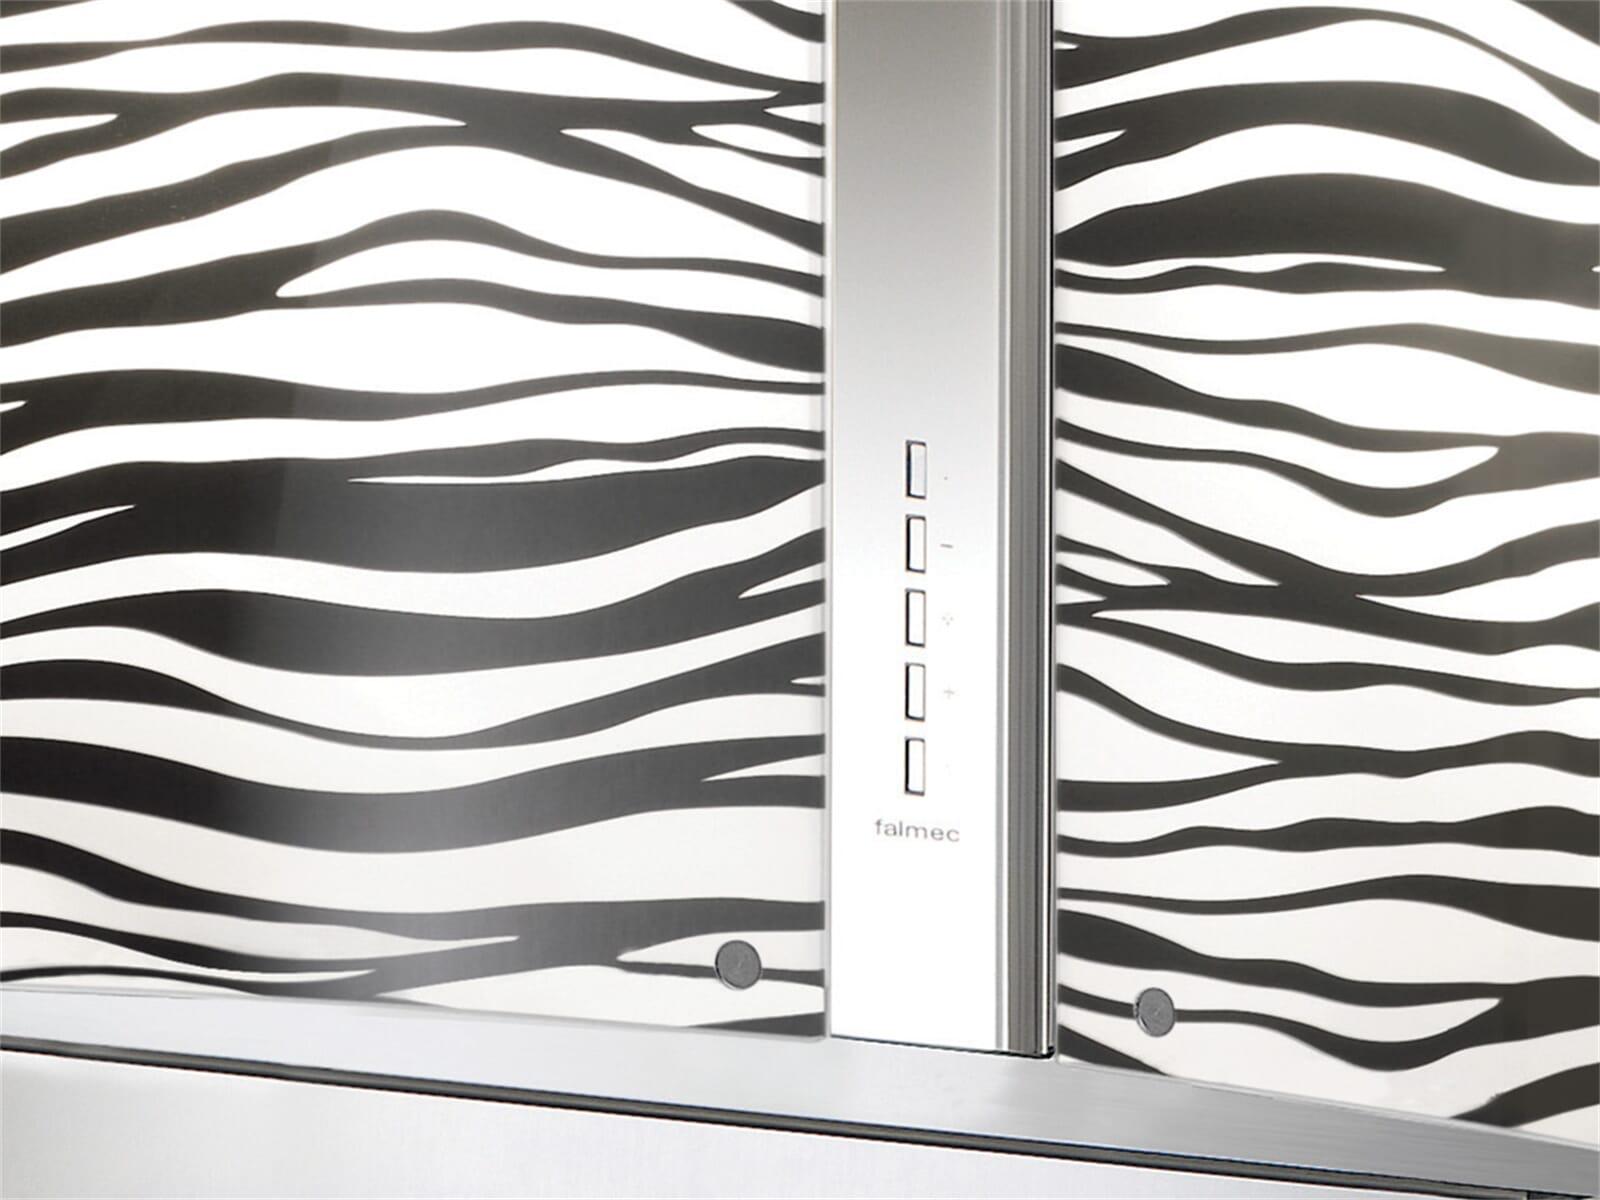 Falmec Mirabilia Zebra Inselhaube Edelstahl ~ Entsafter Zebra